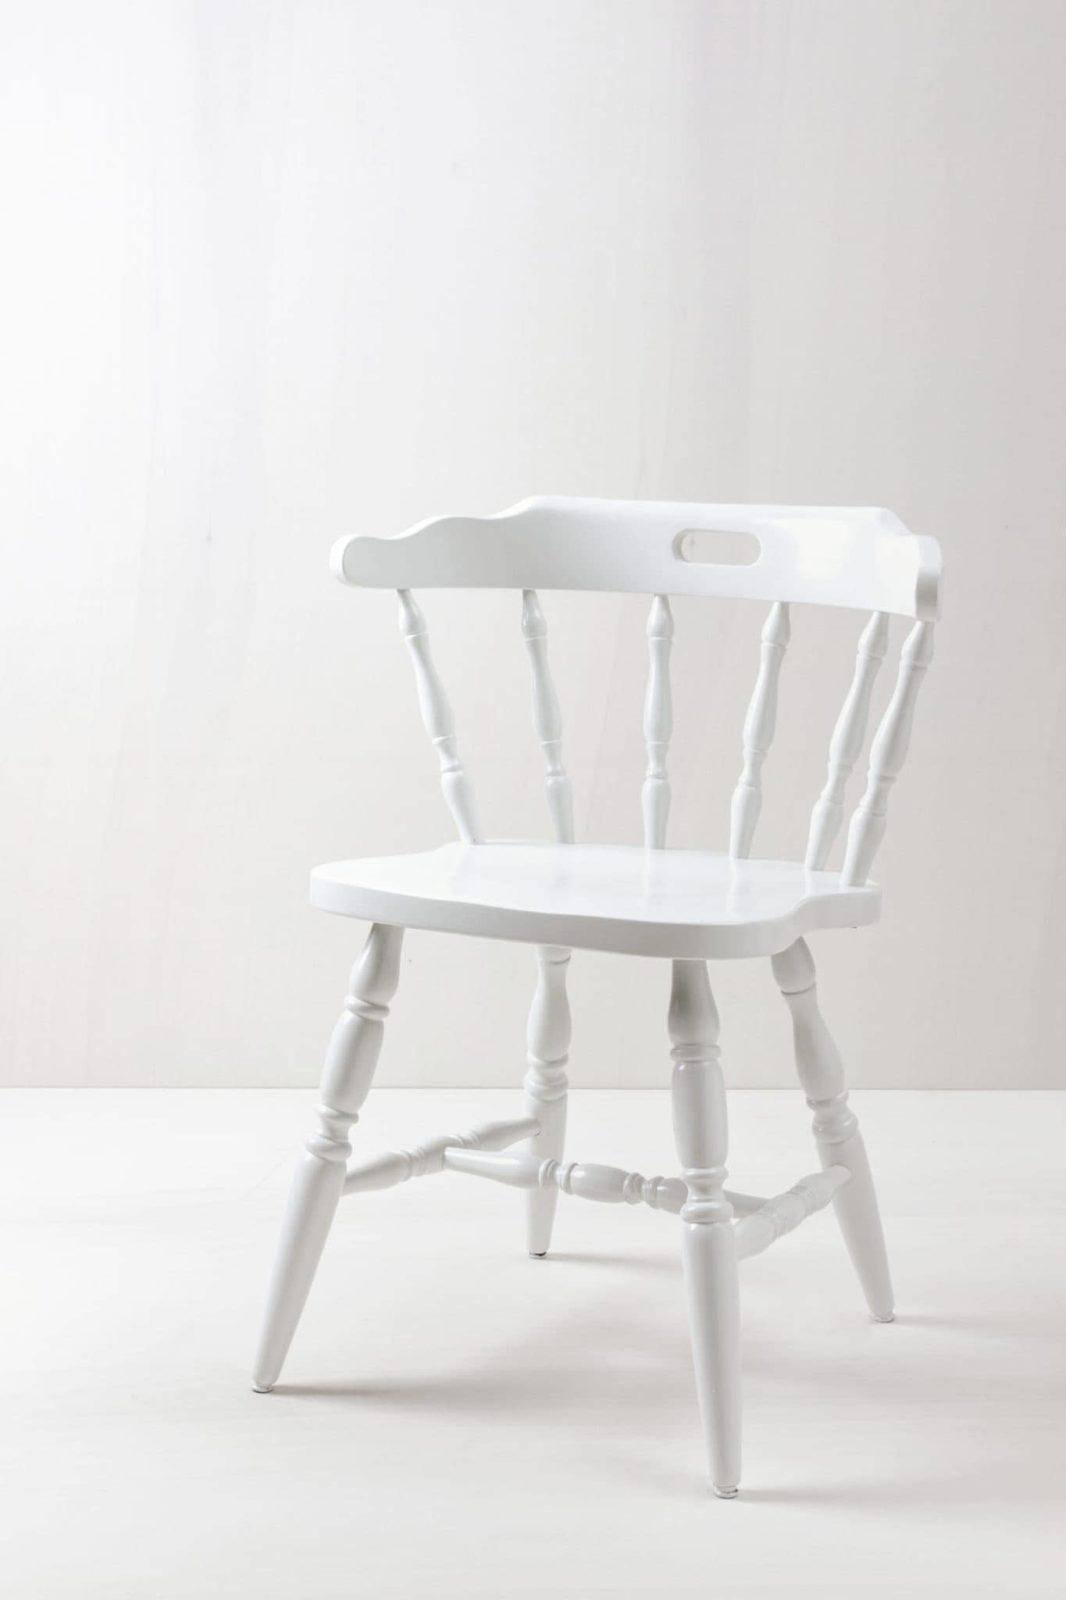 Sprossenstuhl Lidia | Schicker Bauern-Sprossenstuhl, weiß lackiert. Die Farbe kann auf Wunsch geändert werden. Der Stuhl kann ebenso in Holz natur gemietet werden. | gotvintage Rental & Event Design